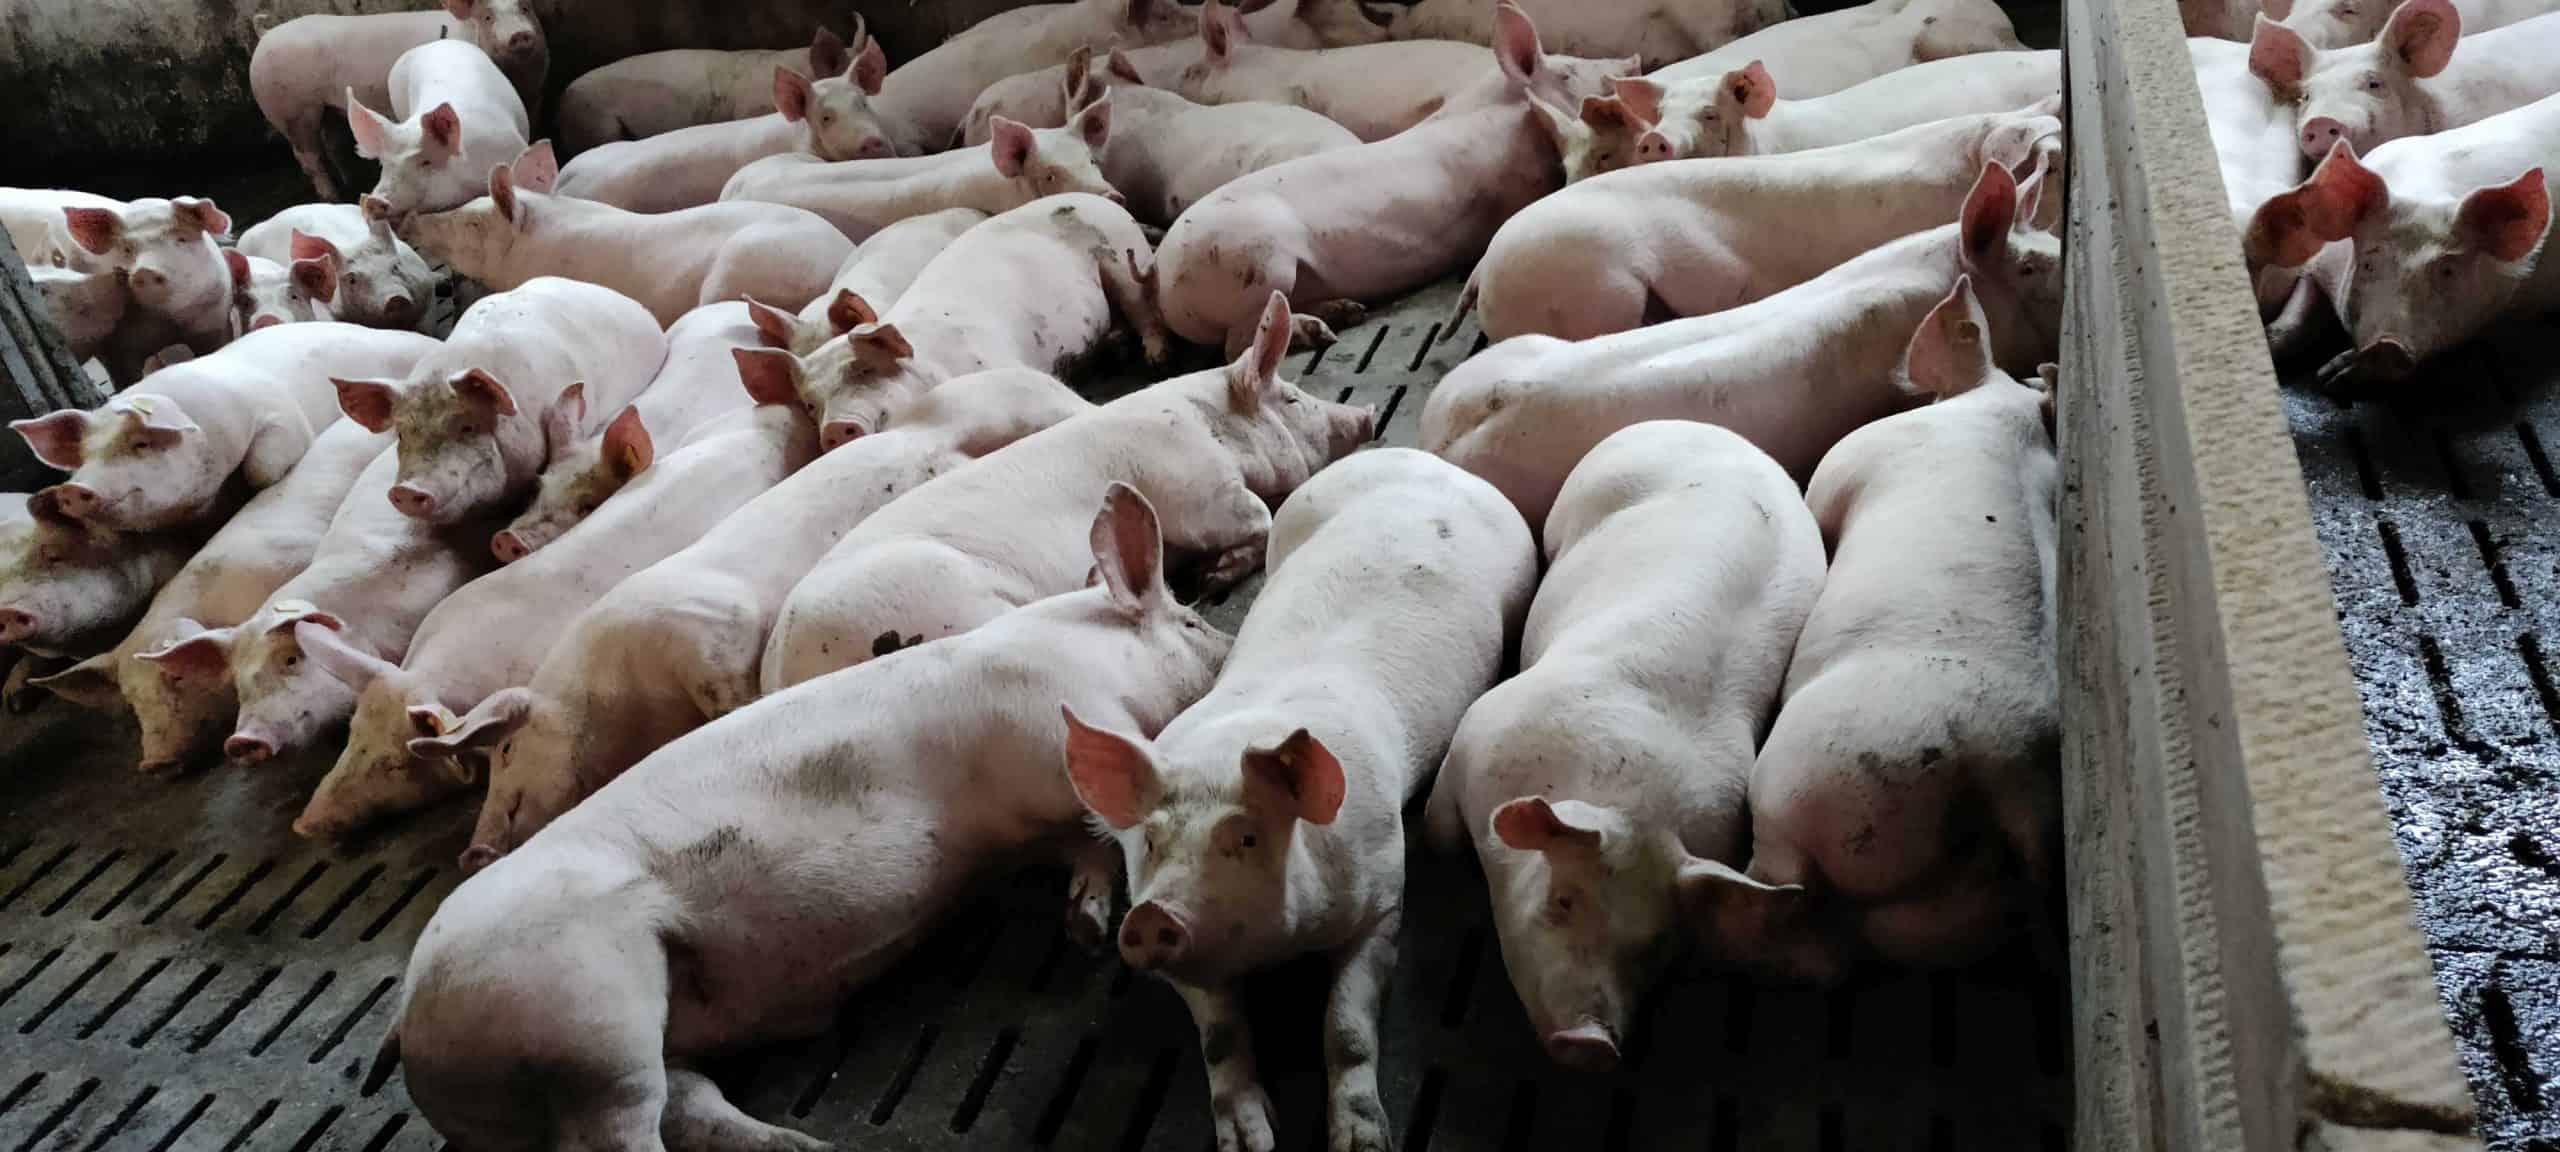 Foto - B2P023 Viktoria Eichinger & Familie - Ferkelaufzucht und Schweinemast